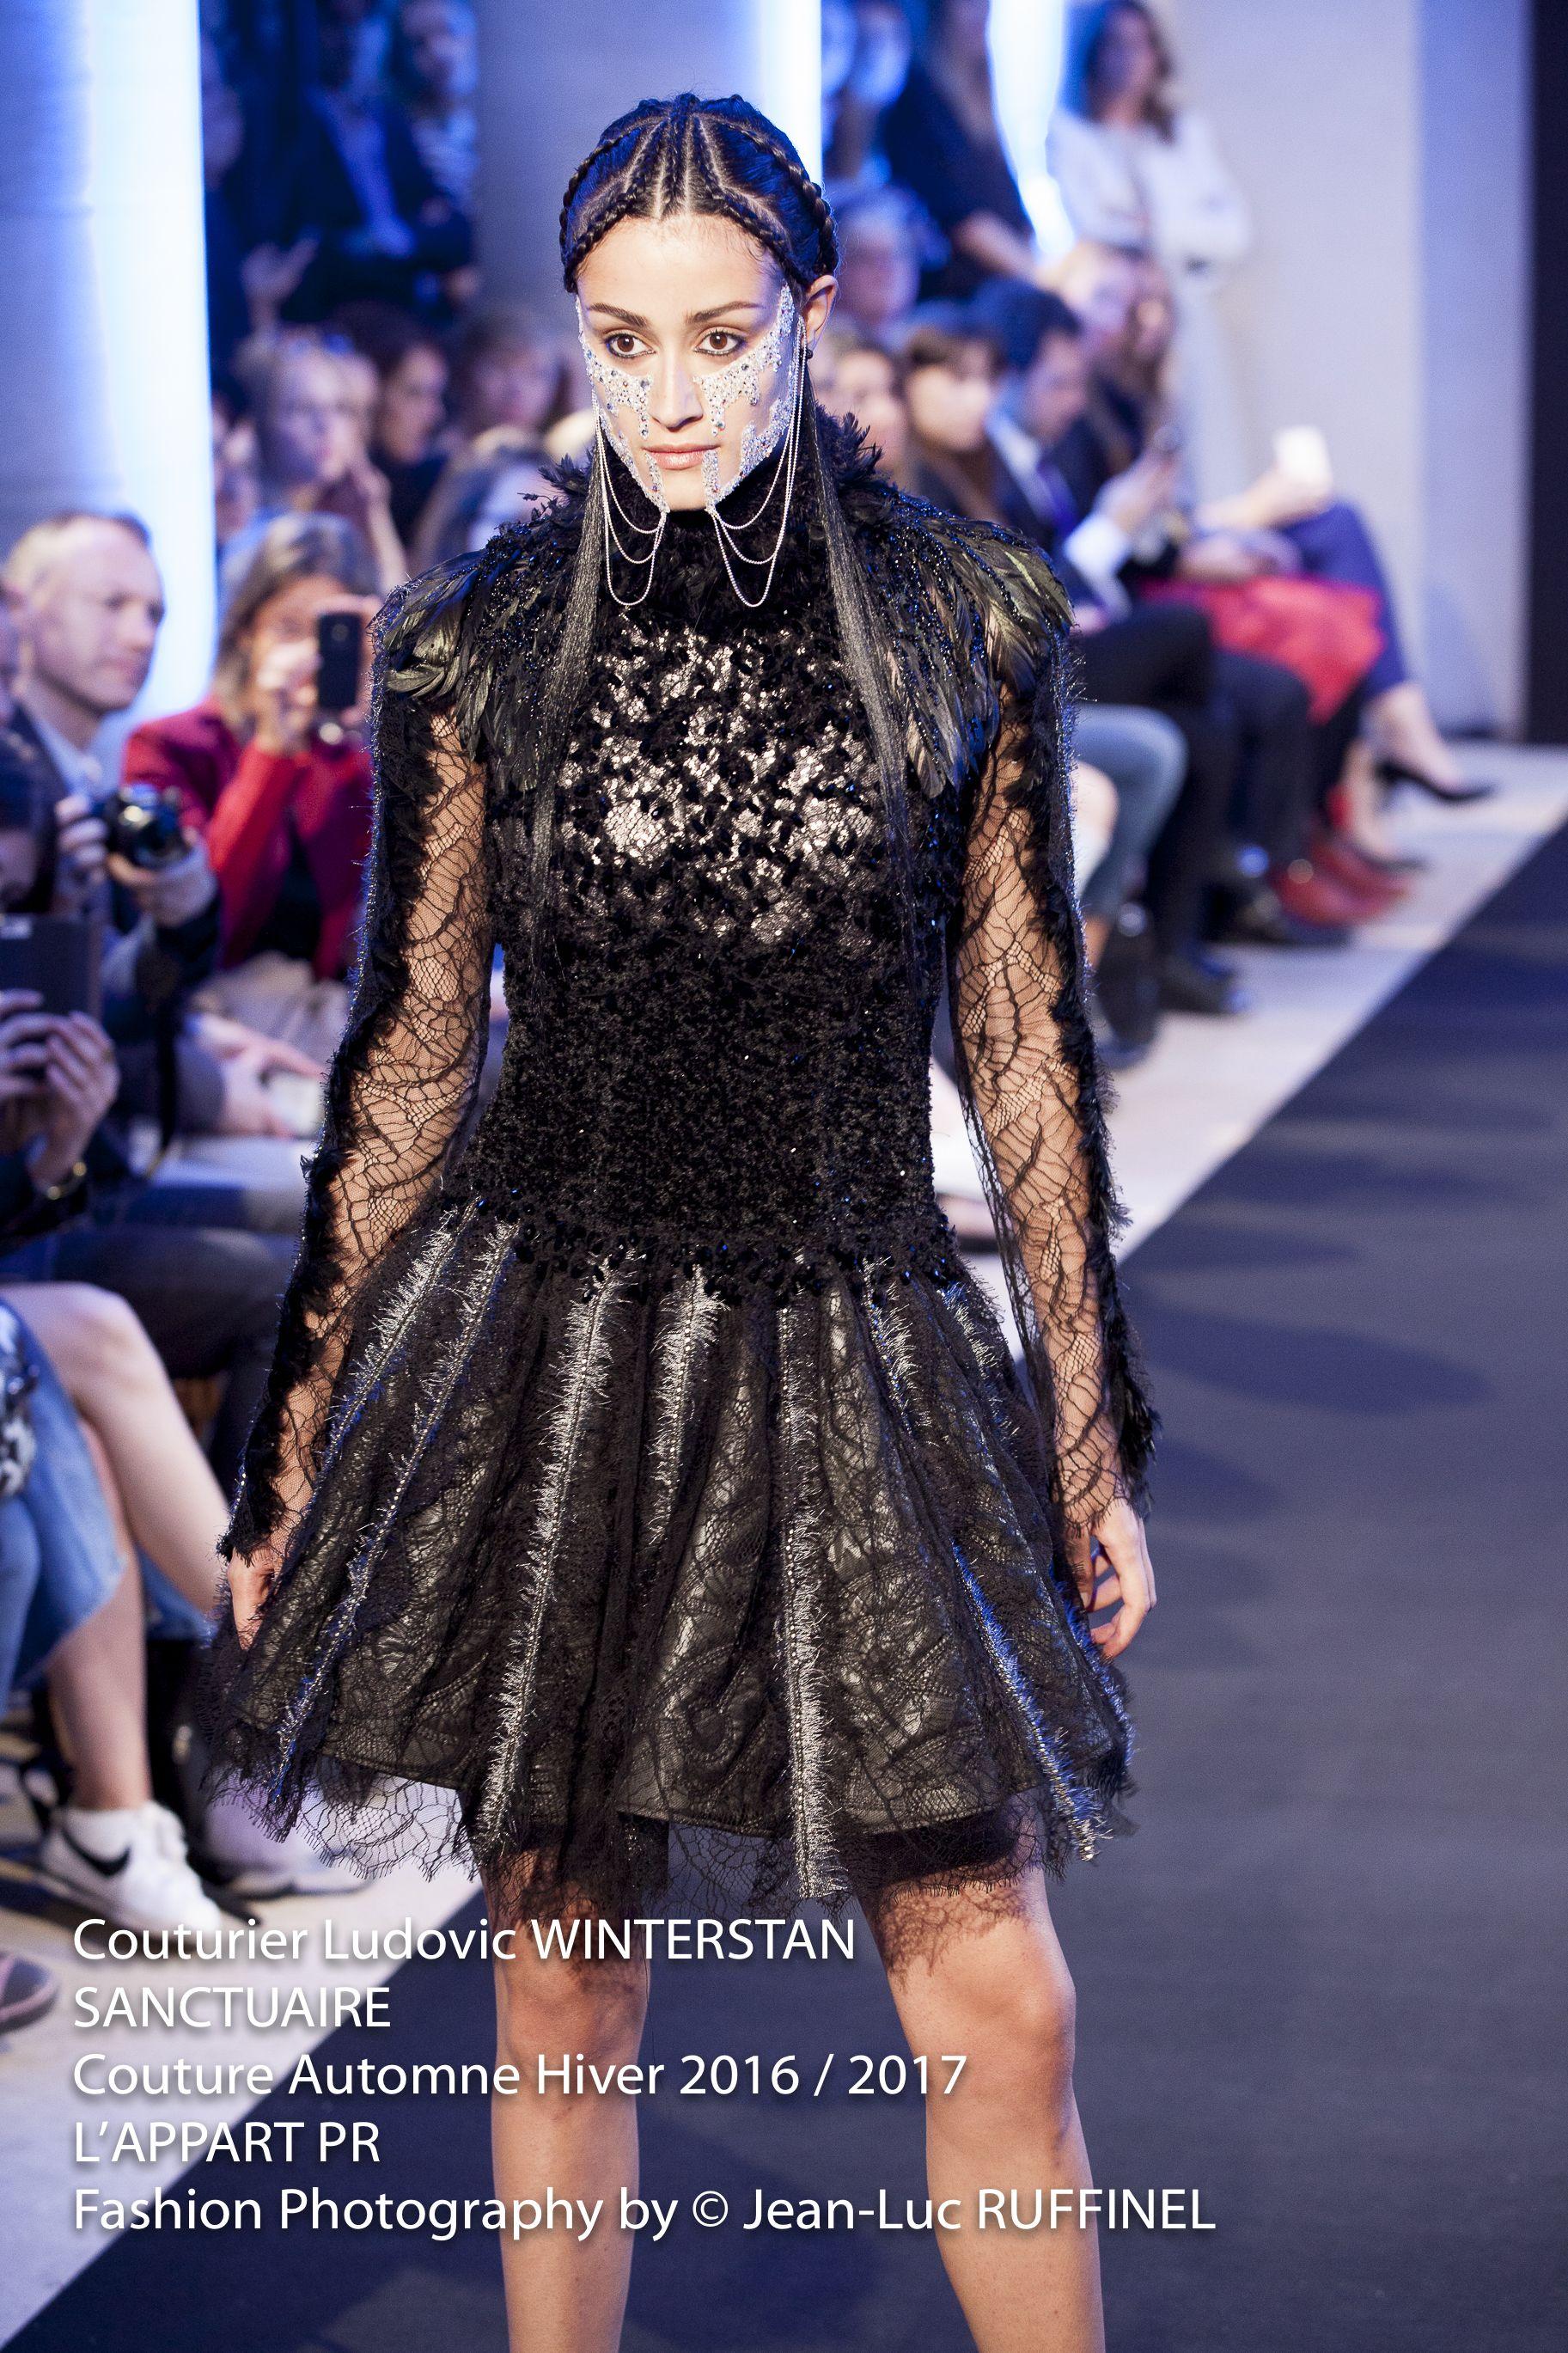 Couturier Ludovic WINTERSTAN SANCTUAIRE Couture Automne Hiver 2016 / 2017 Lu0027APPART  PR Fashion Photography